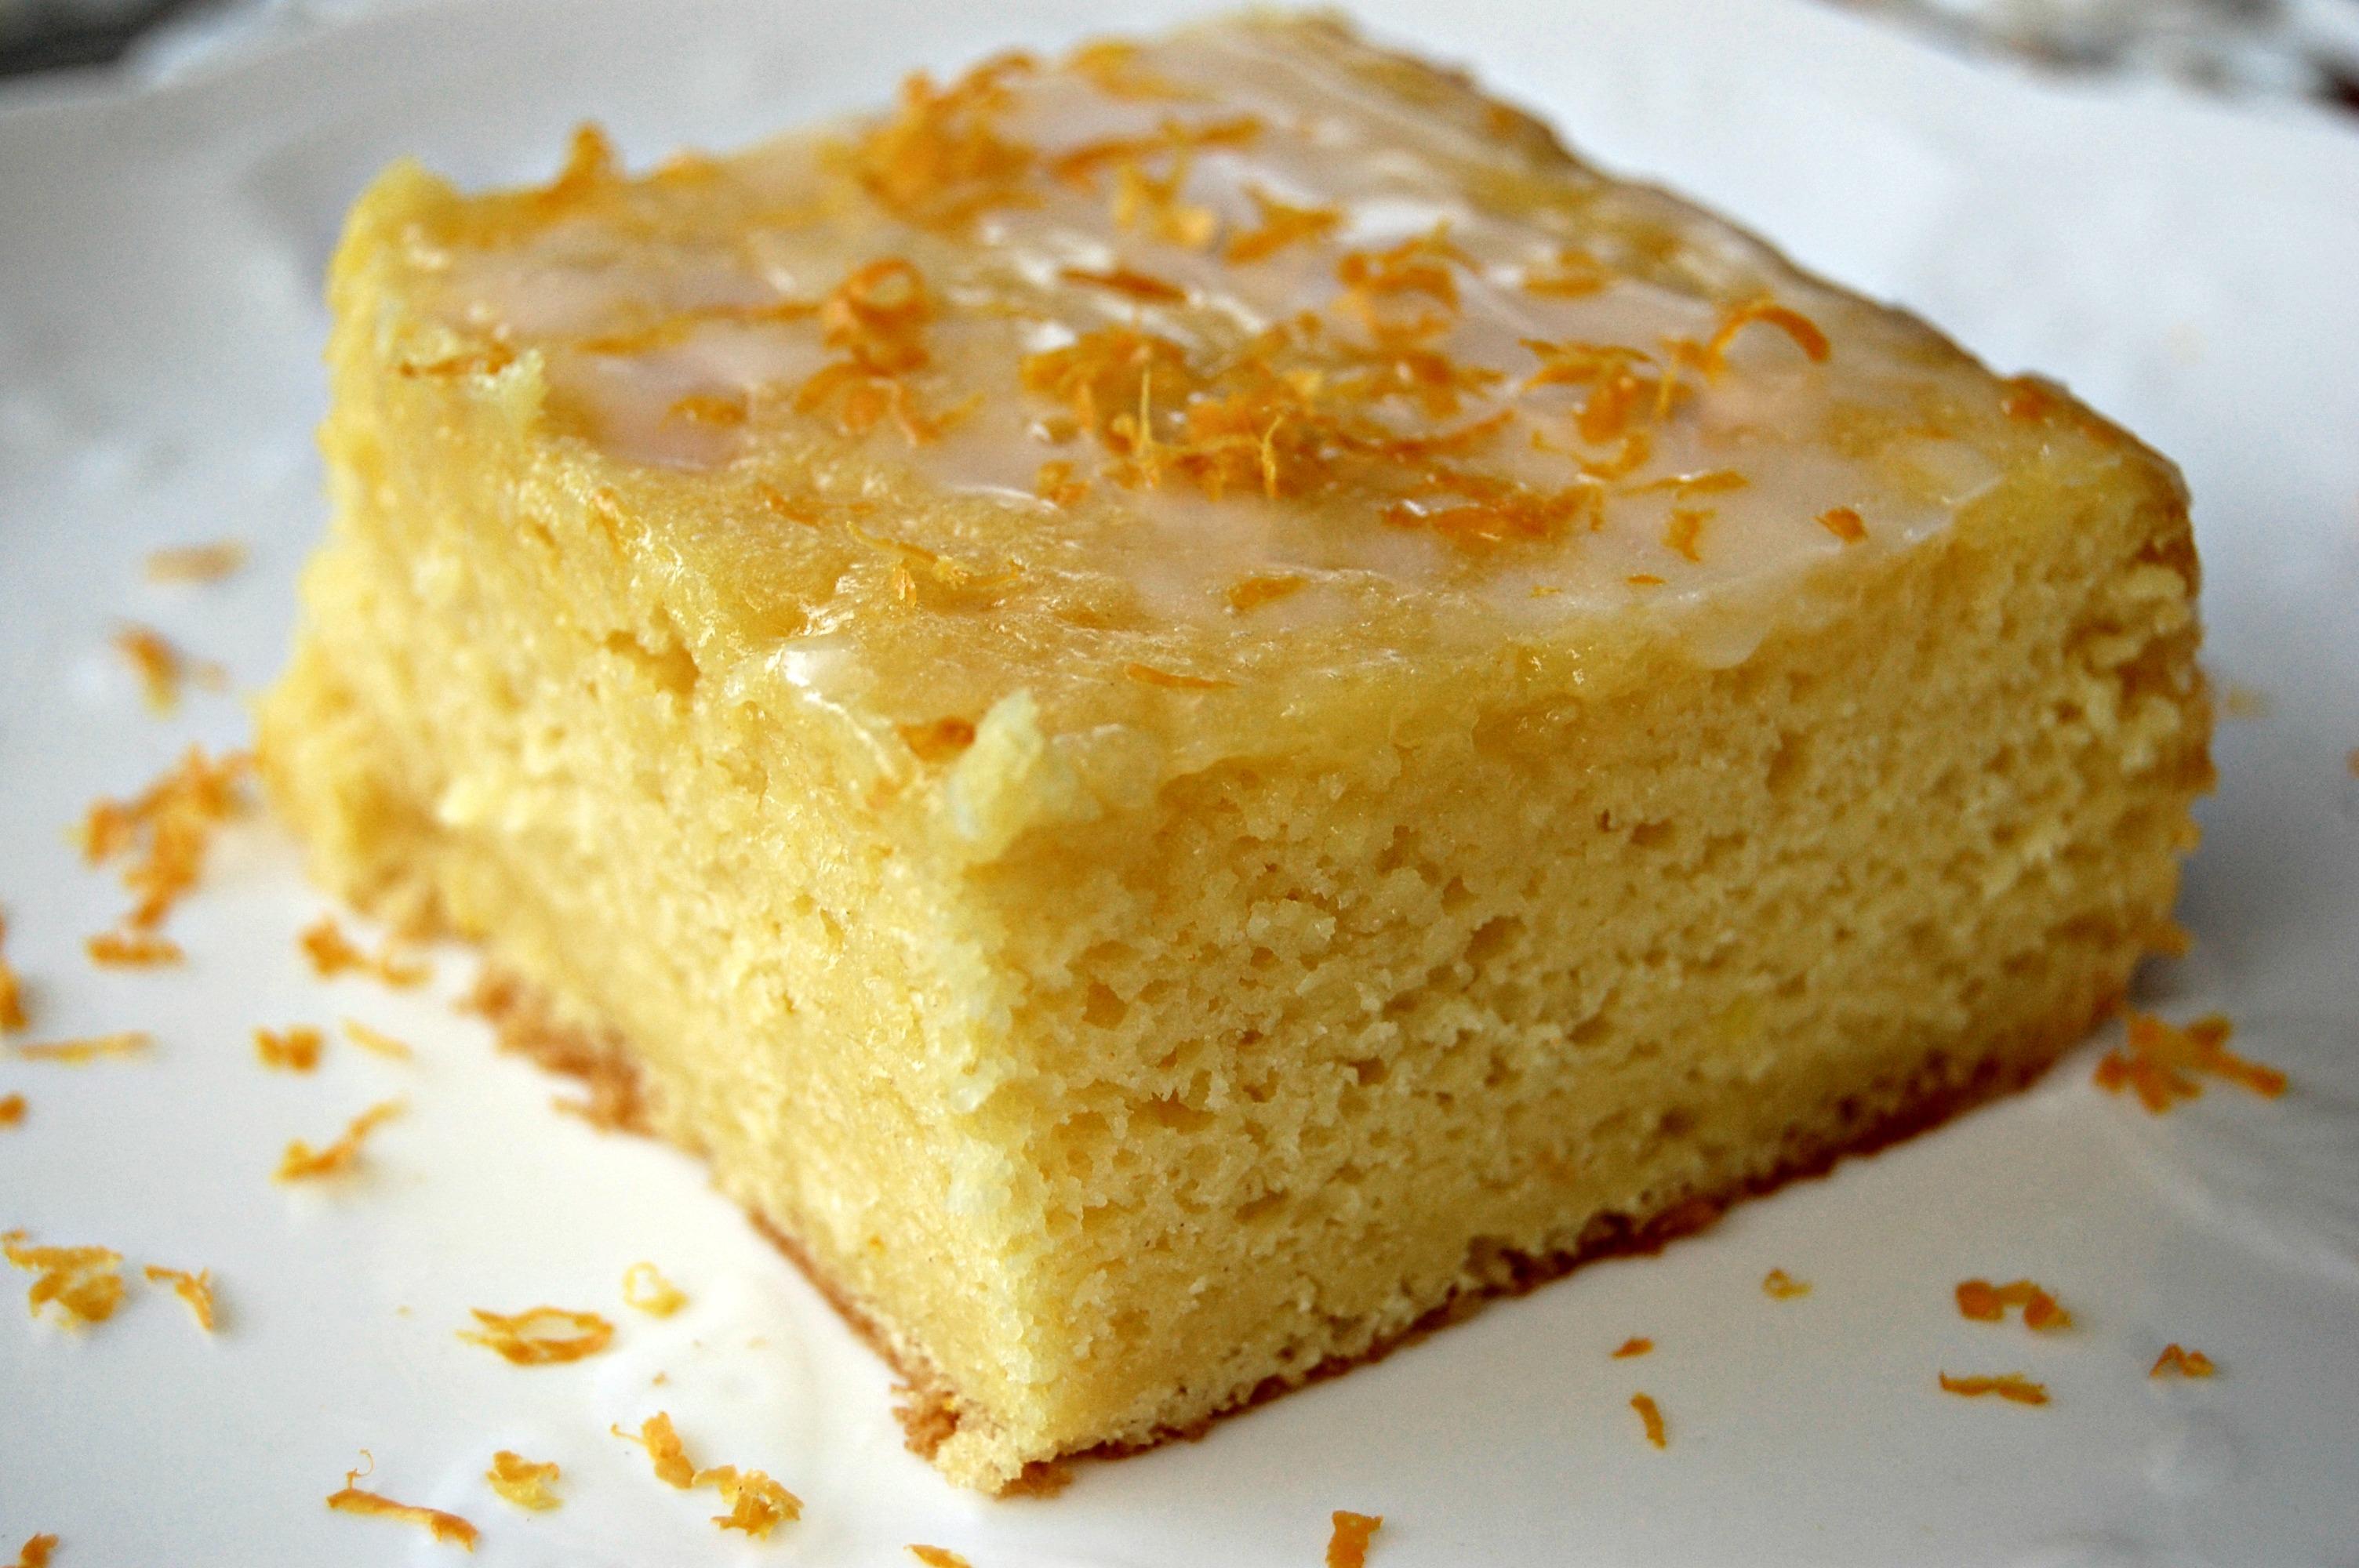 Lemon Cake Recipe With Lemon Cake Mix